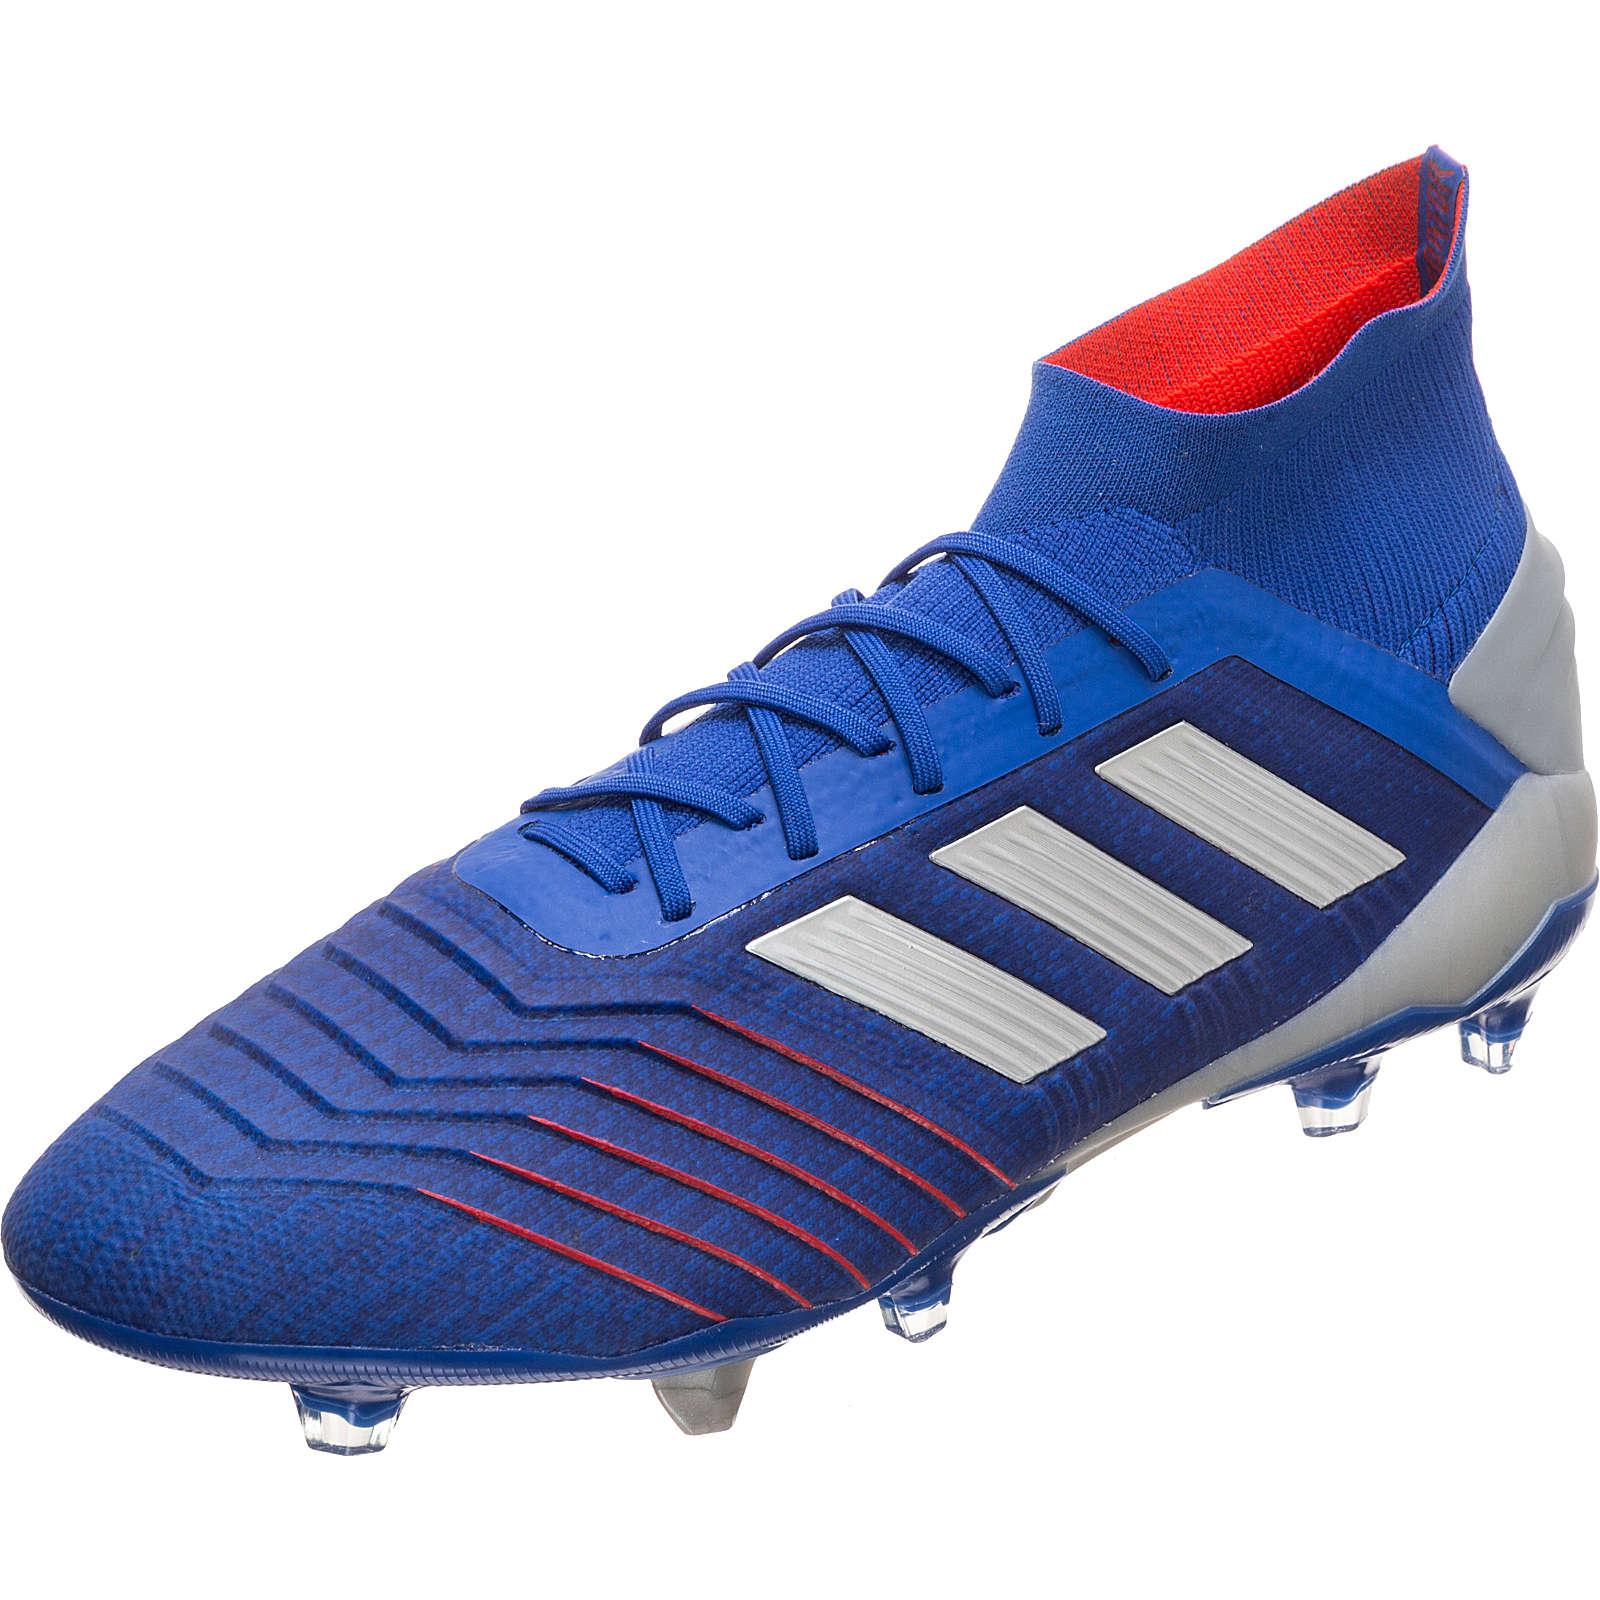 adidas Performance Predator 19.1 FG Fußballschuh Herren blau/silber Herren Gr. 42 2/3